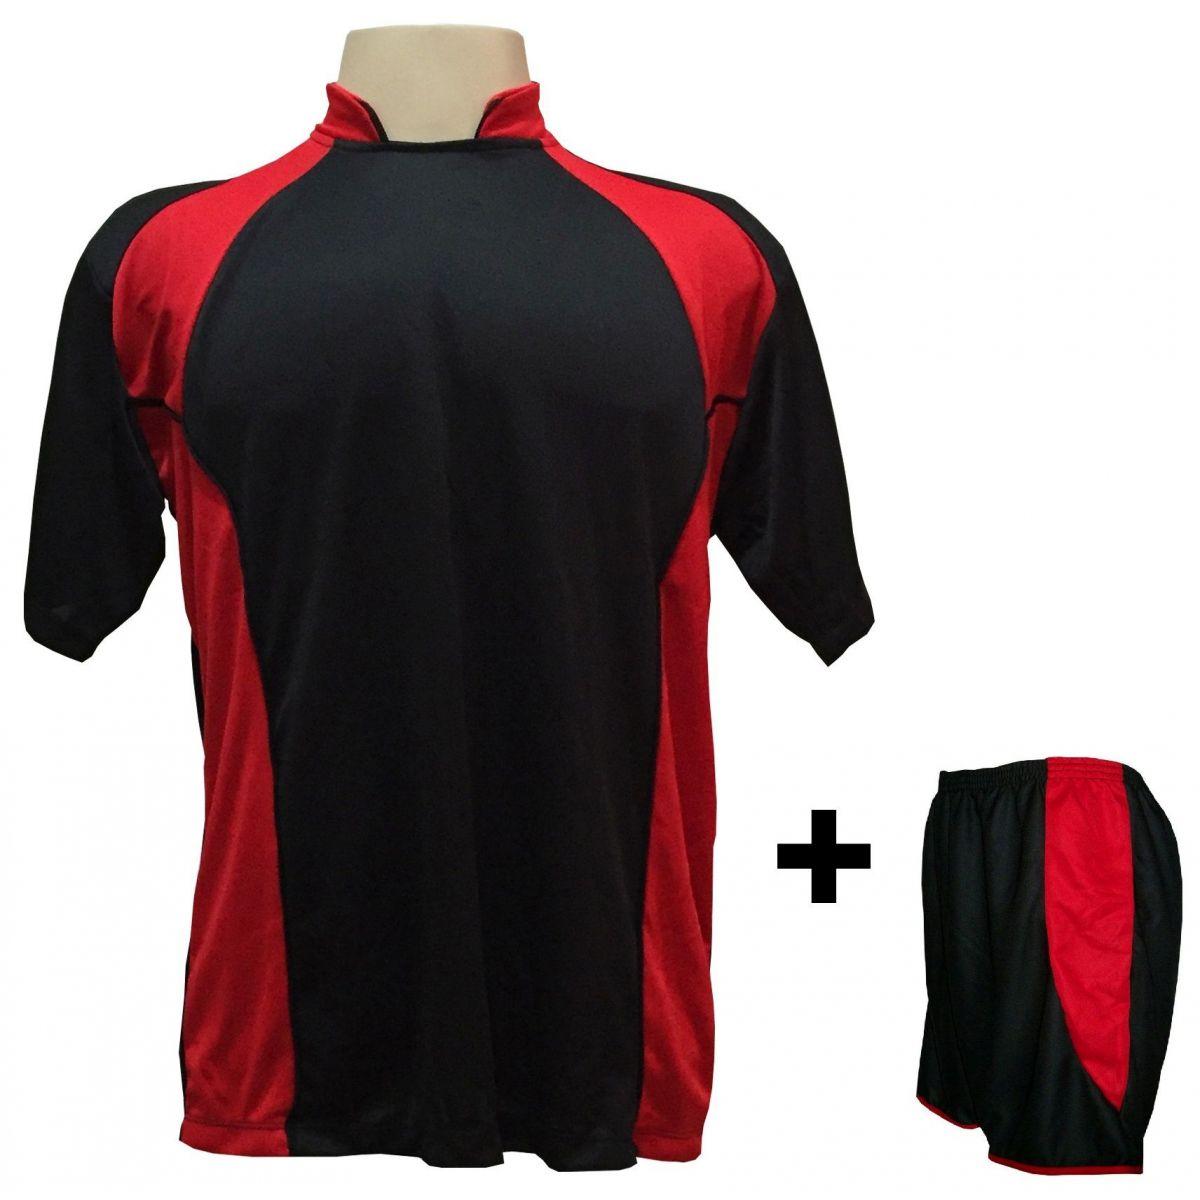 Uniforme Esportivo com 14 camisas modelo Suécia Preto/Vermelho + 14 calções modelo Copa Preto/Vermelho + Brindes